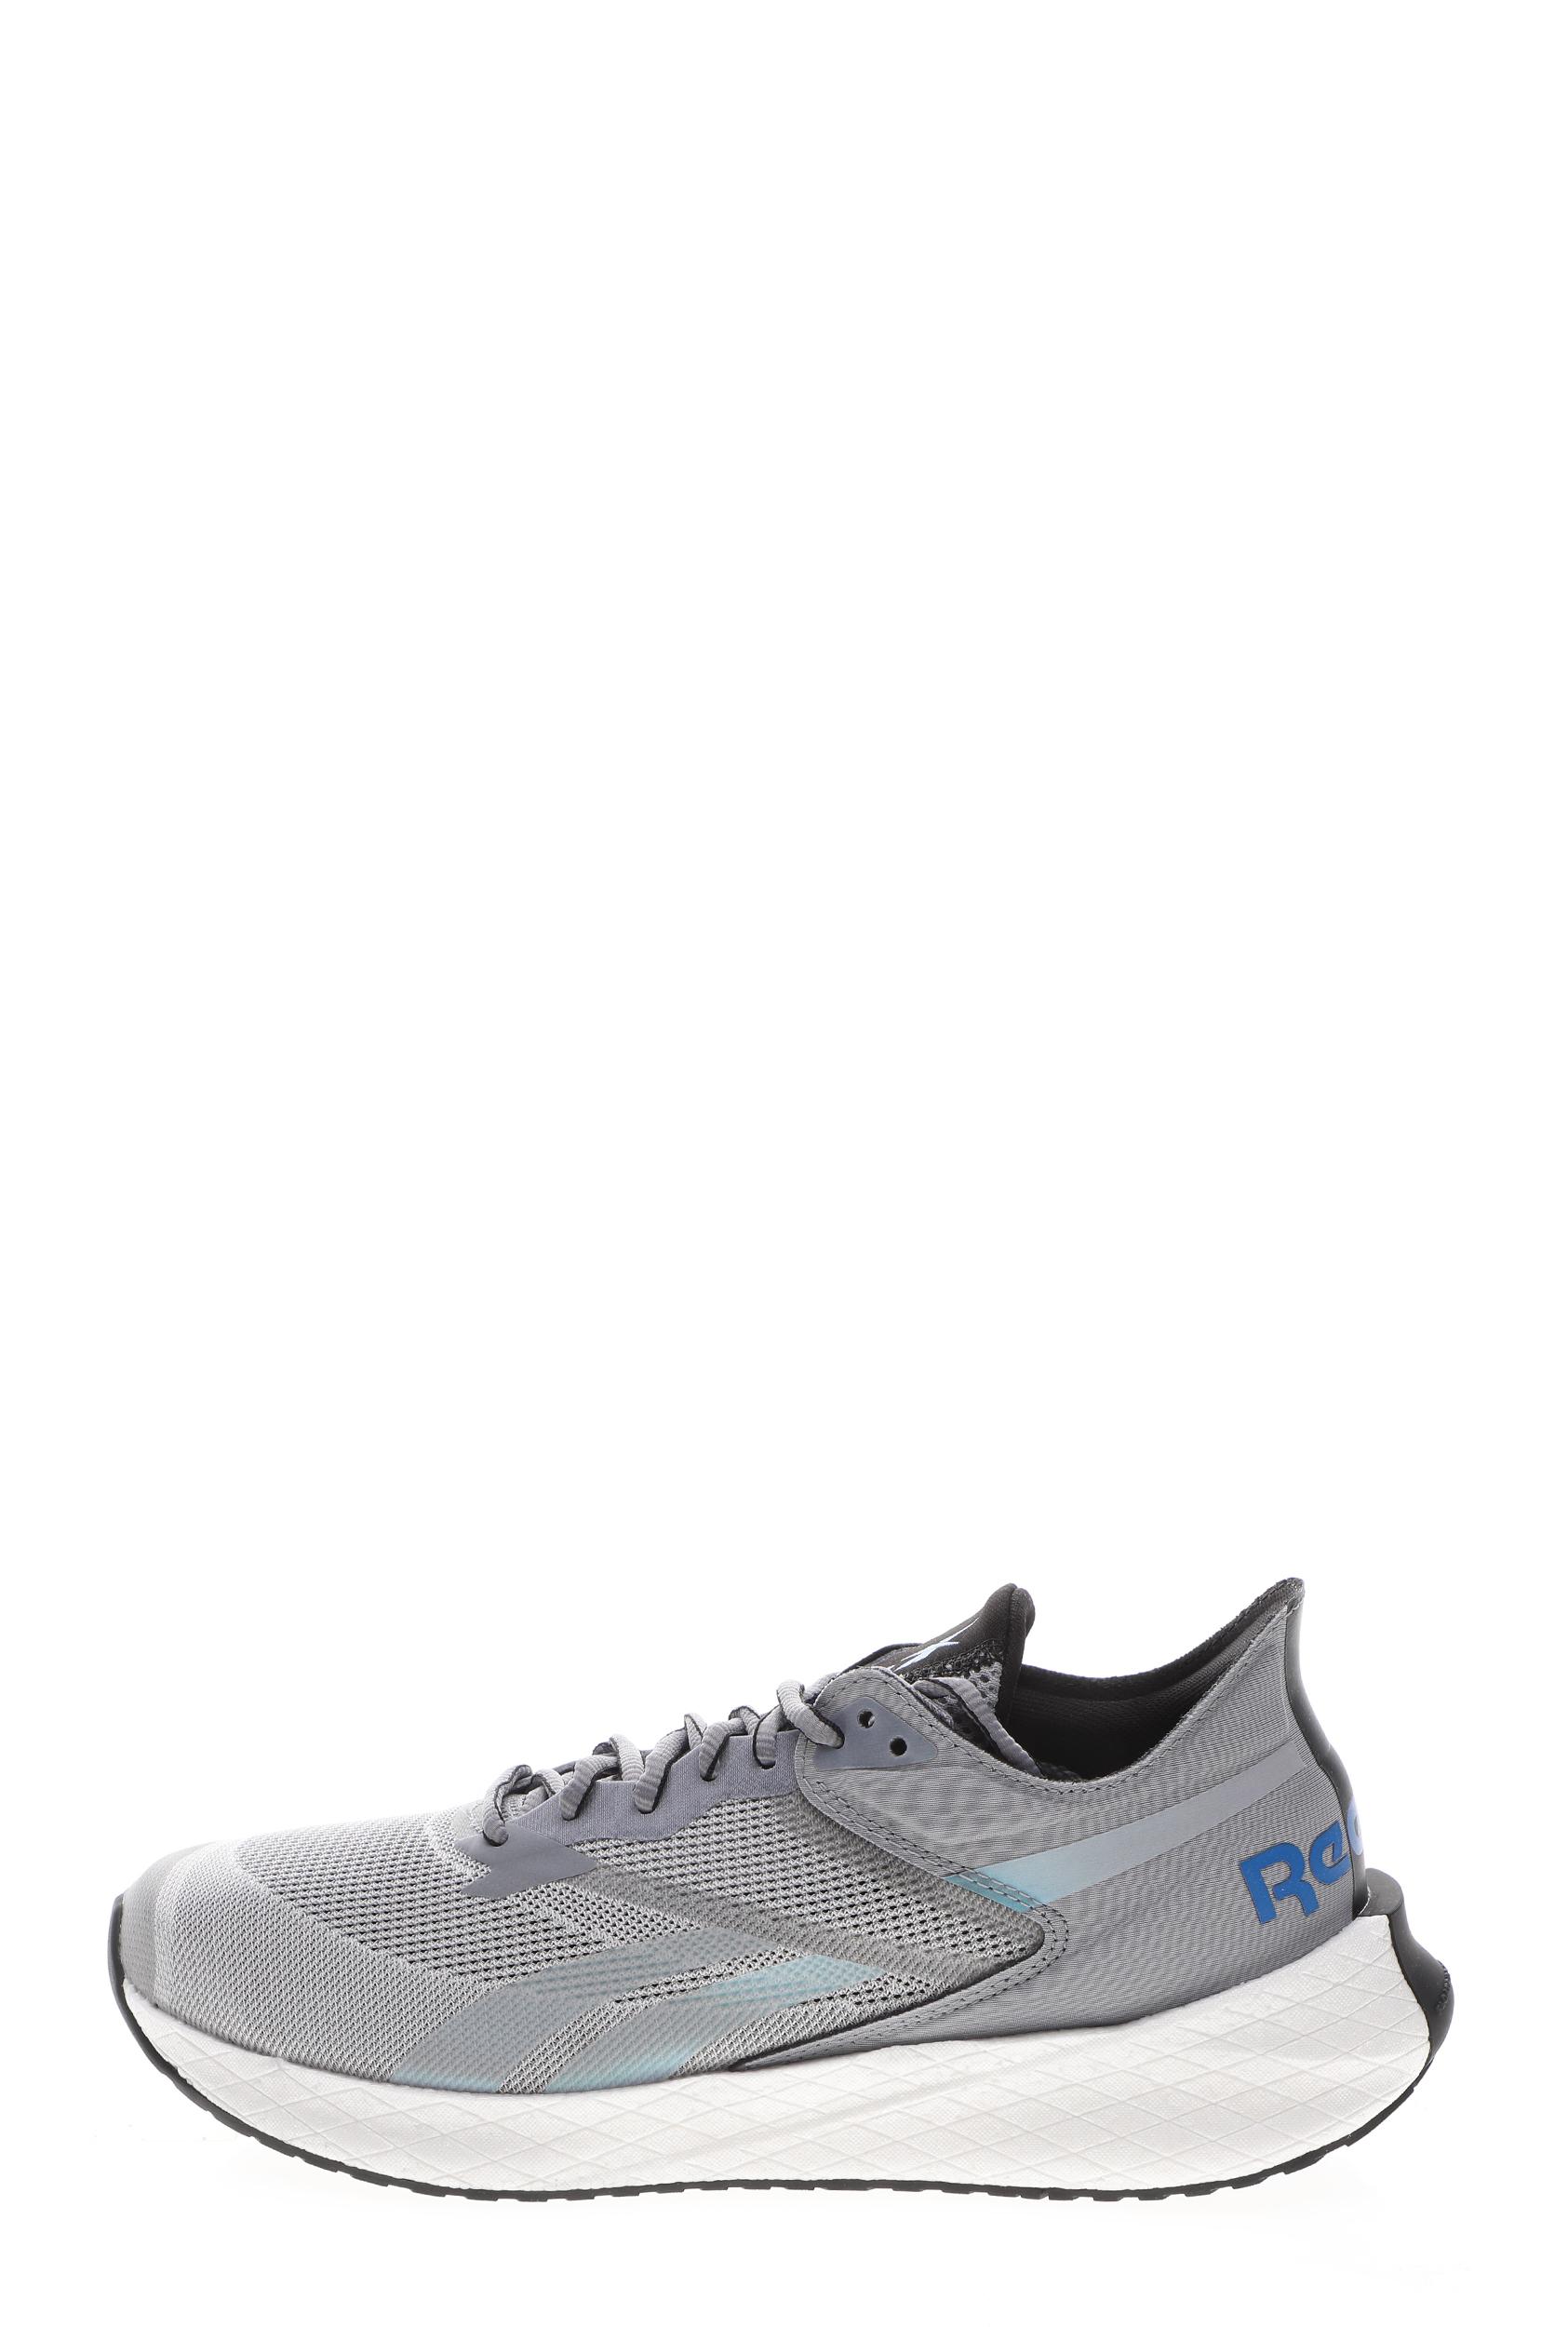 REEBOK – Ανδρικά αθλητικά παπούτσια FLOATRIDE RUN EIGHTYFIVE γκρί